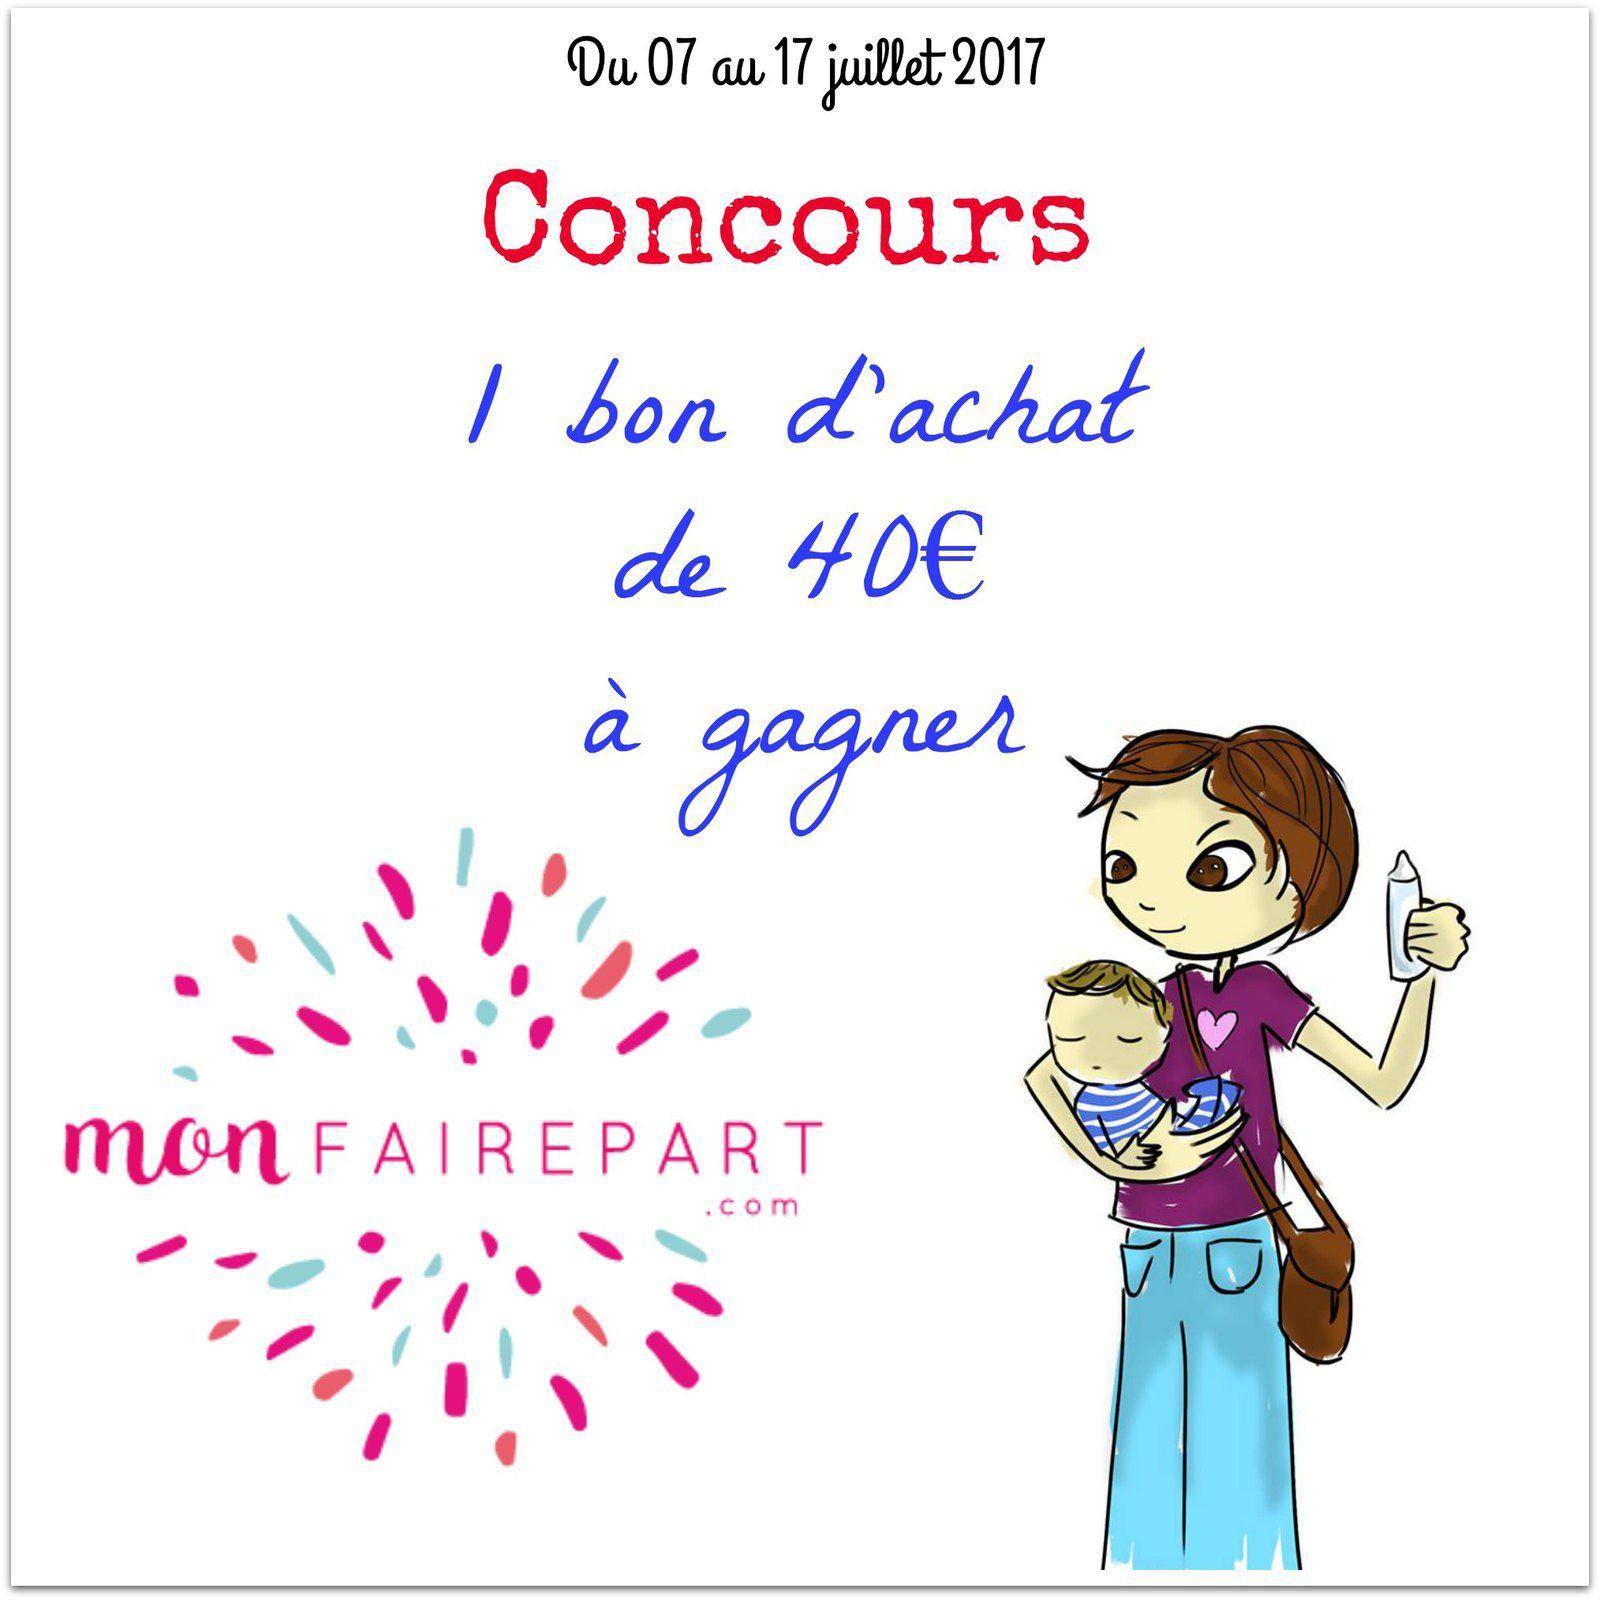 Annoncer un évènement joyeux avec monfairepart.com [+ concours]